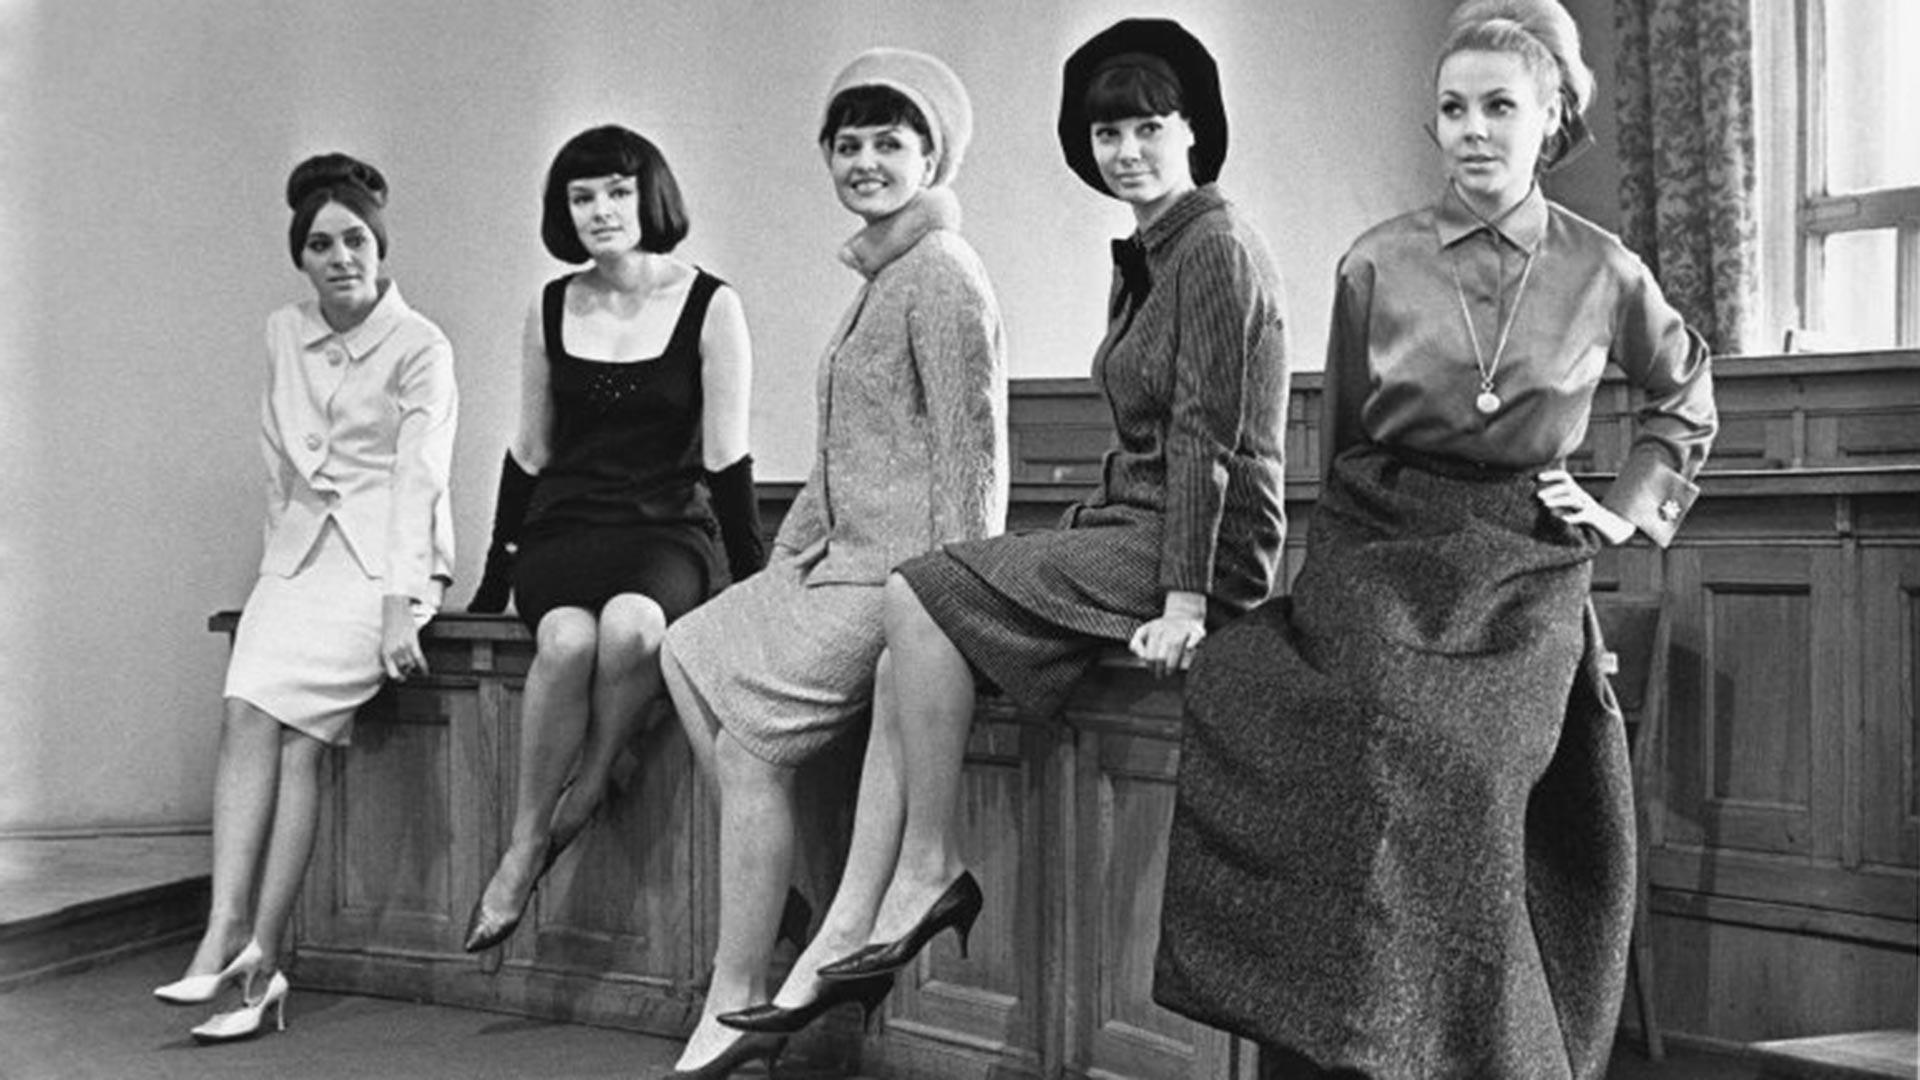 全ソ連ファッション・ハウス。モデルはナタリヤ・コンドラシナ、エレーナ・イゾルギナ、リリアナ・バスカコワ、レギーナ・ズバルスカヤ、ミーラ・ロマノフスカヤ、1965年